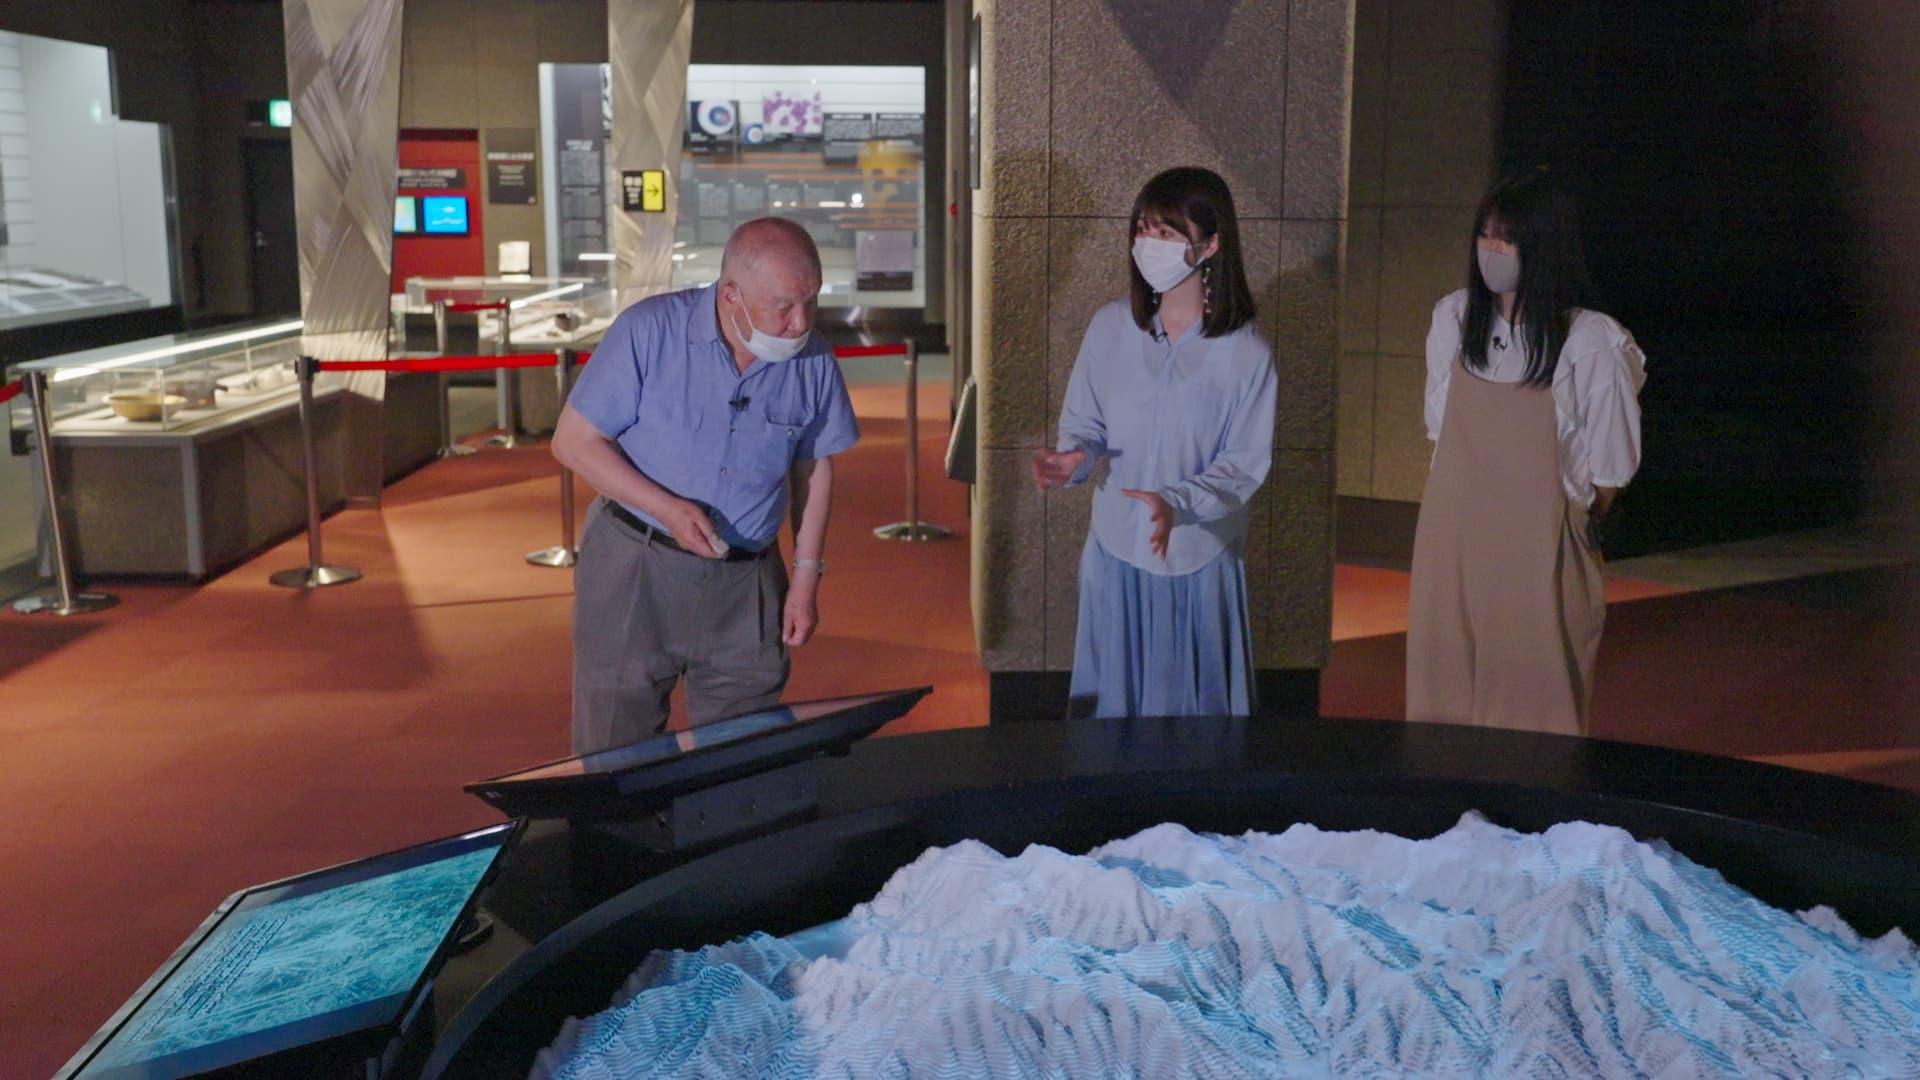 池田さんに長崎原爆資料館で被爆体験を伺う